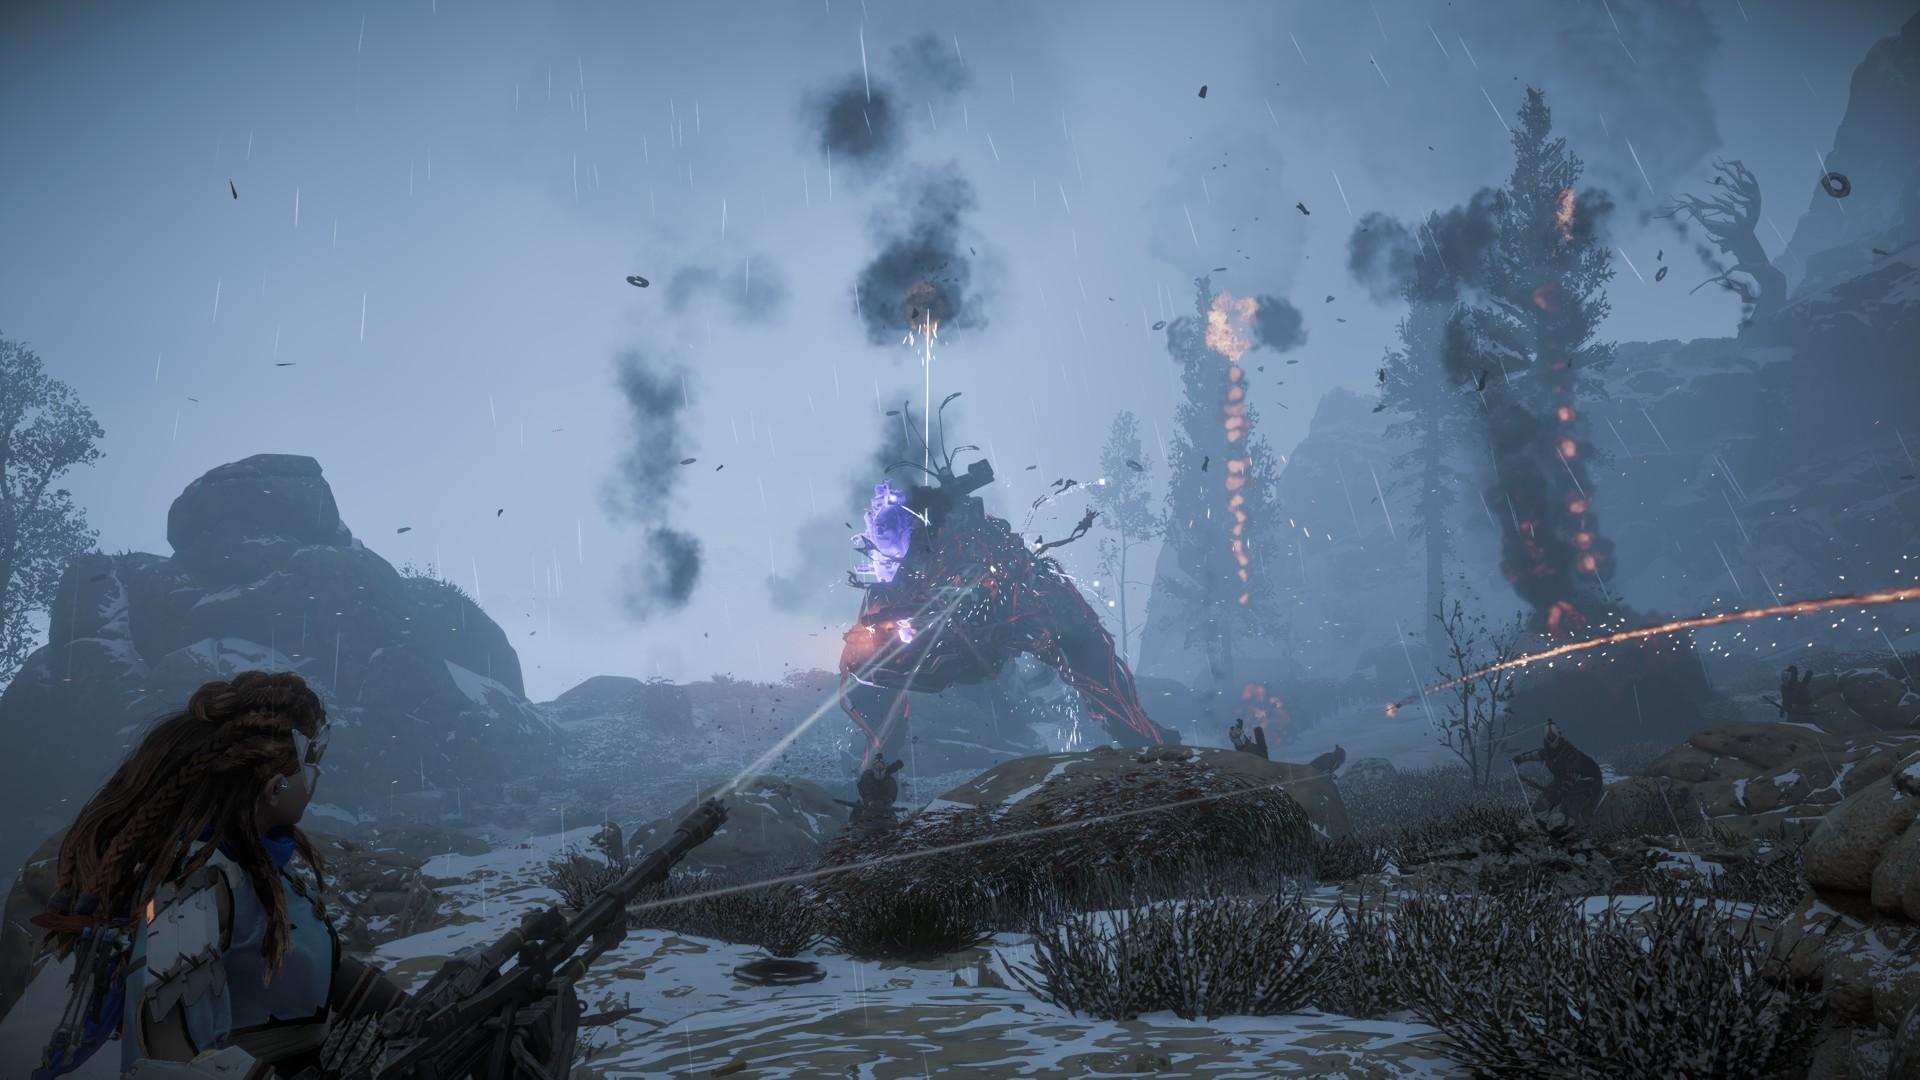 Recenzja Horizon Zero Dawn: Complete Edition na PC. Bardzo grywalna, optymalizacyjna wtopa